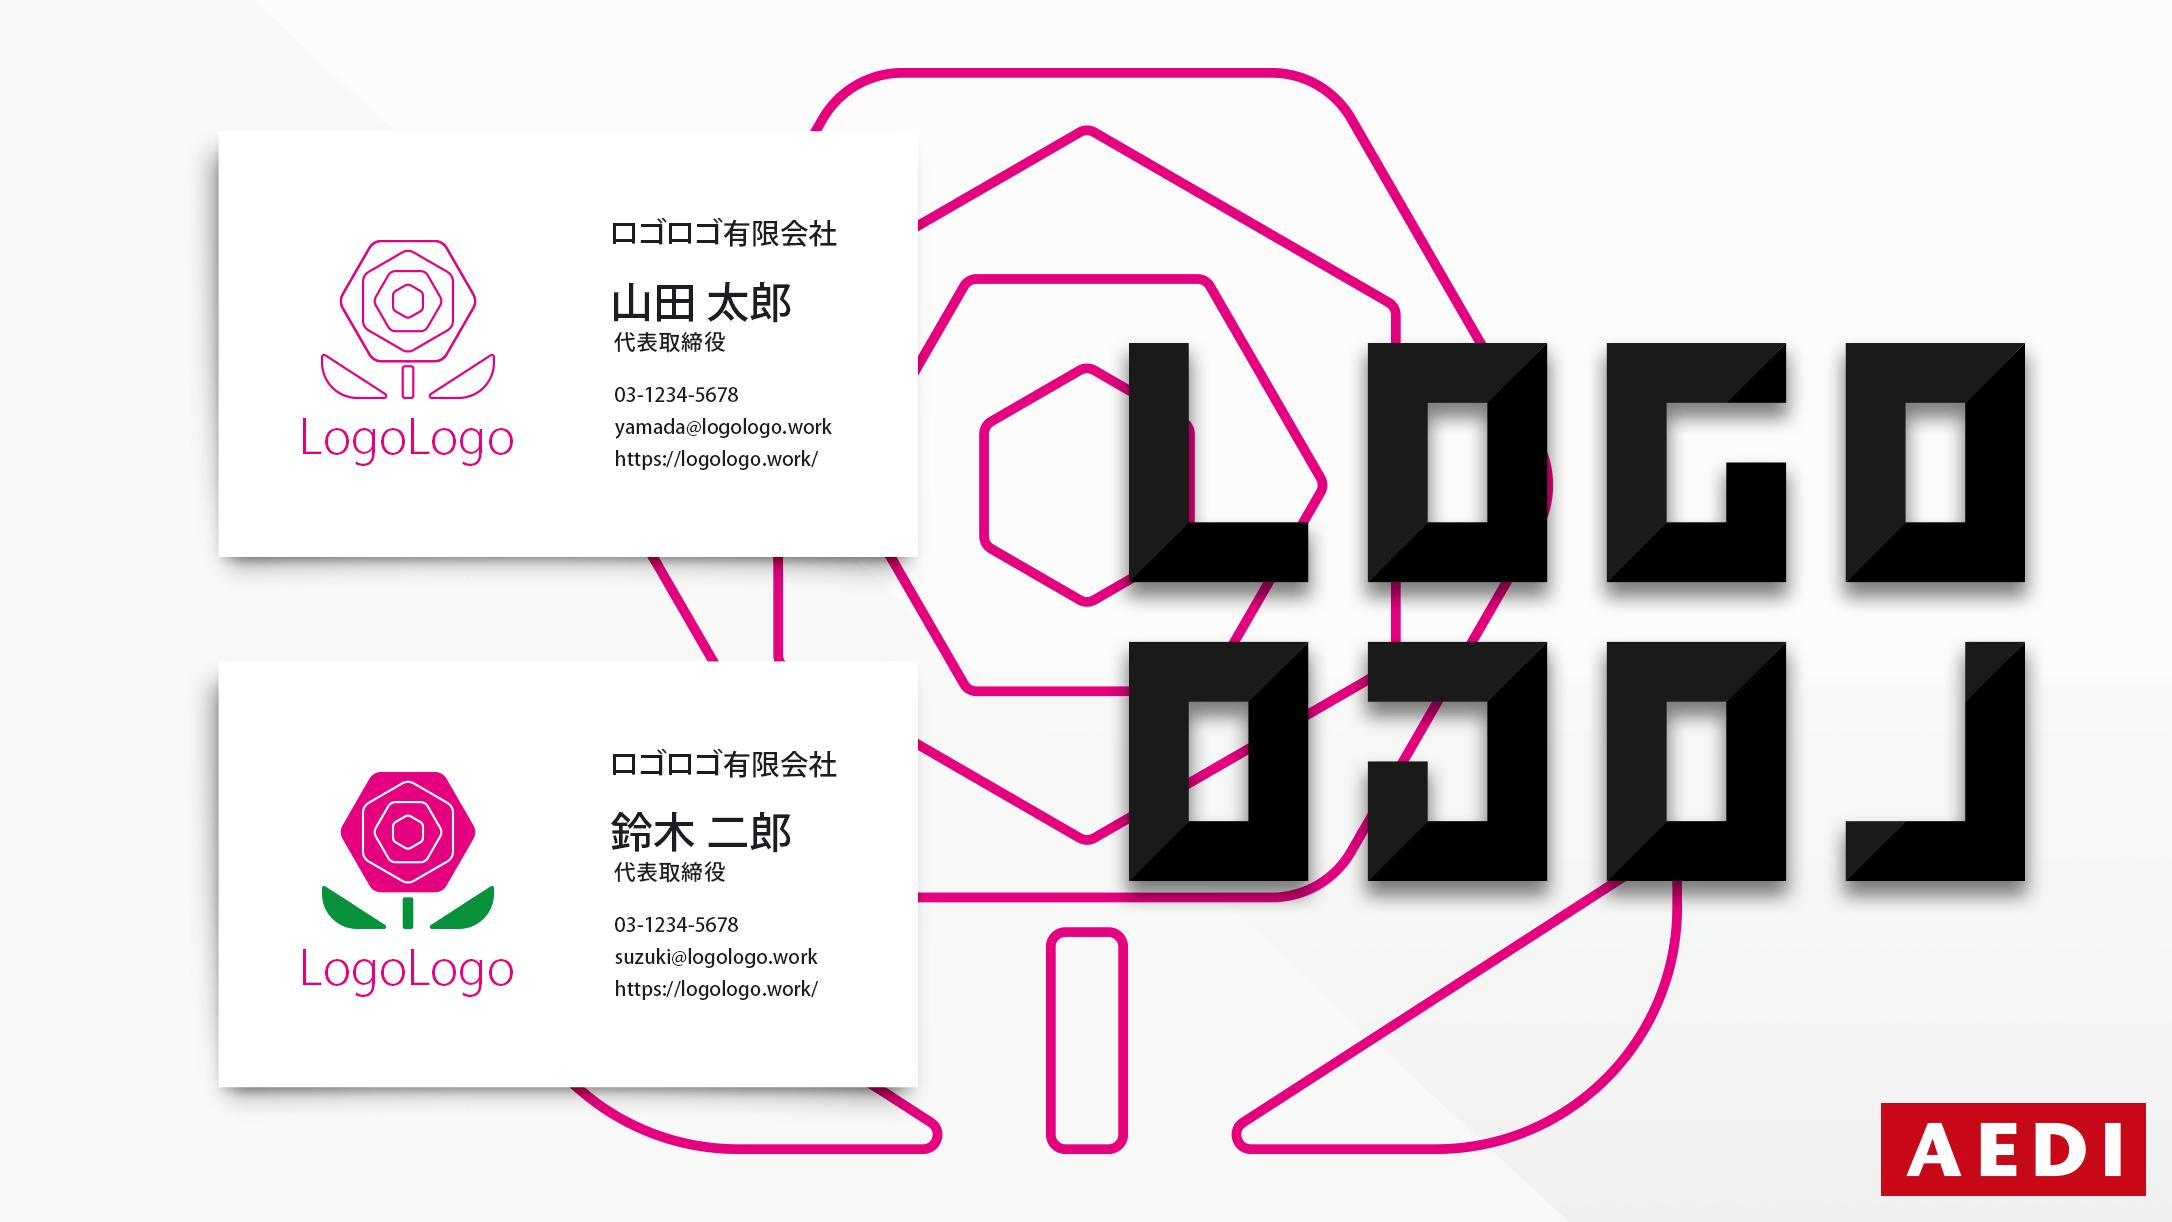 ロゴロゴ ロゴマークデザイン007 ホームページ/Web制作・デザイン制作 岡山県倉敷市のWebとデザインの制作会社 AEDI株式会社